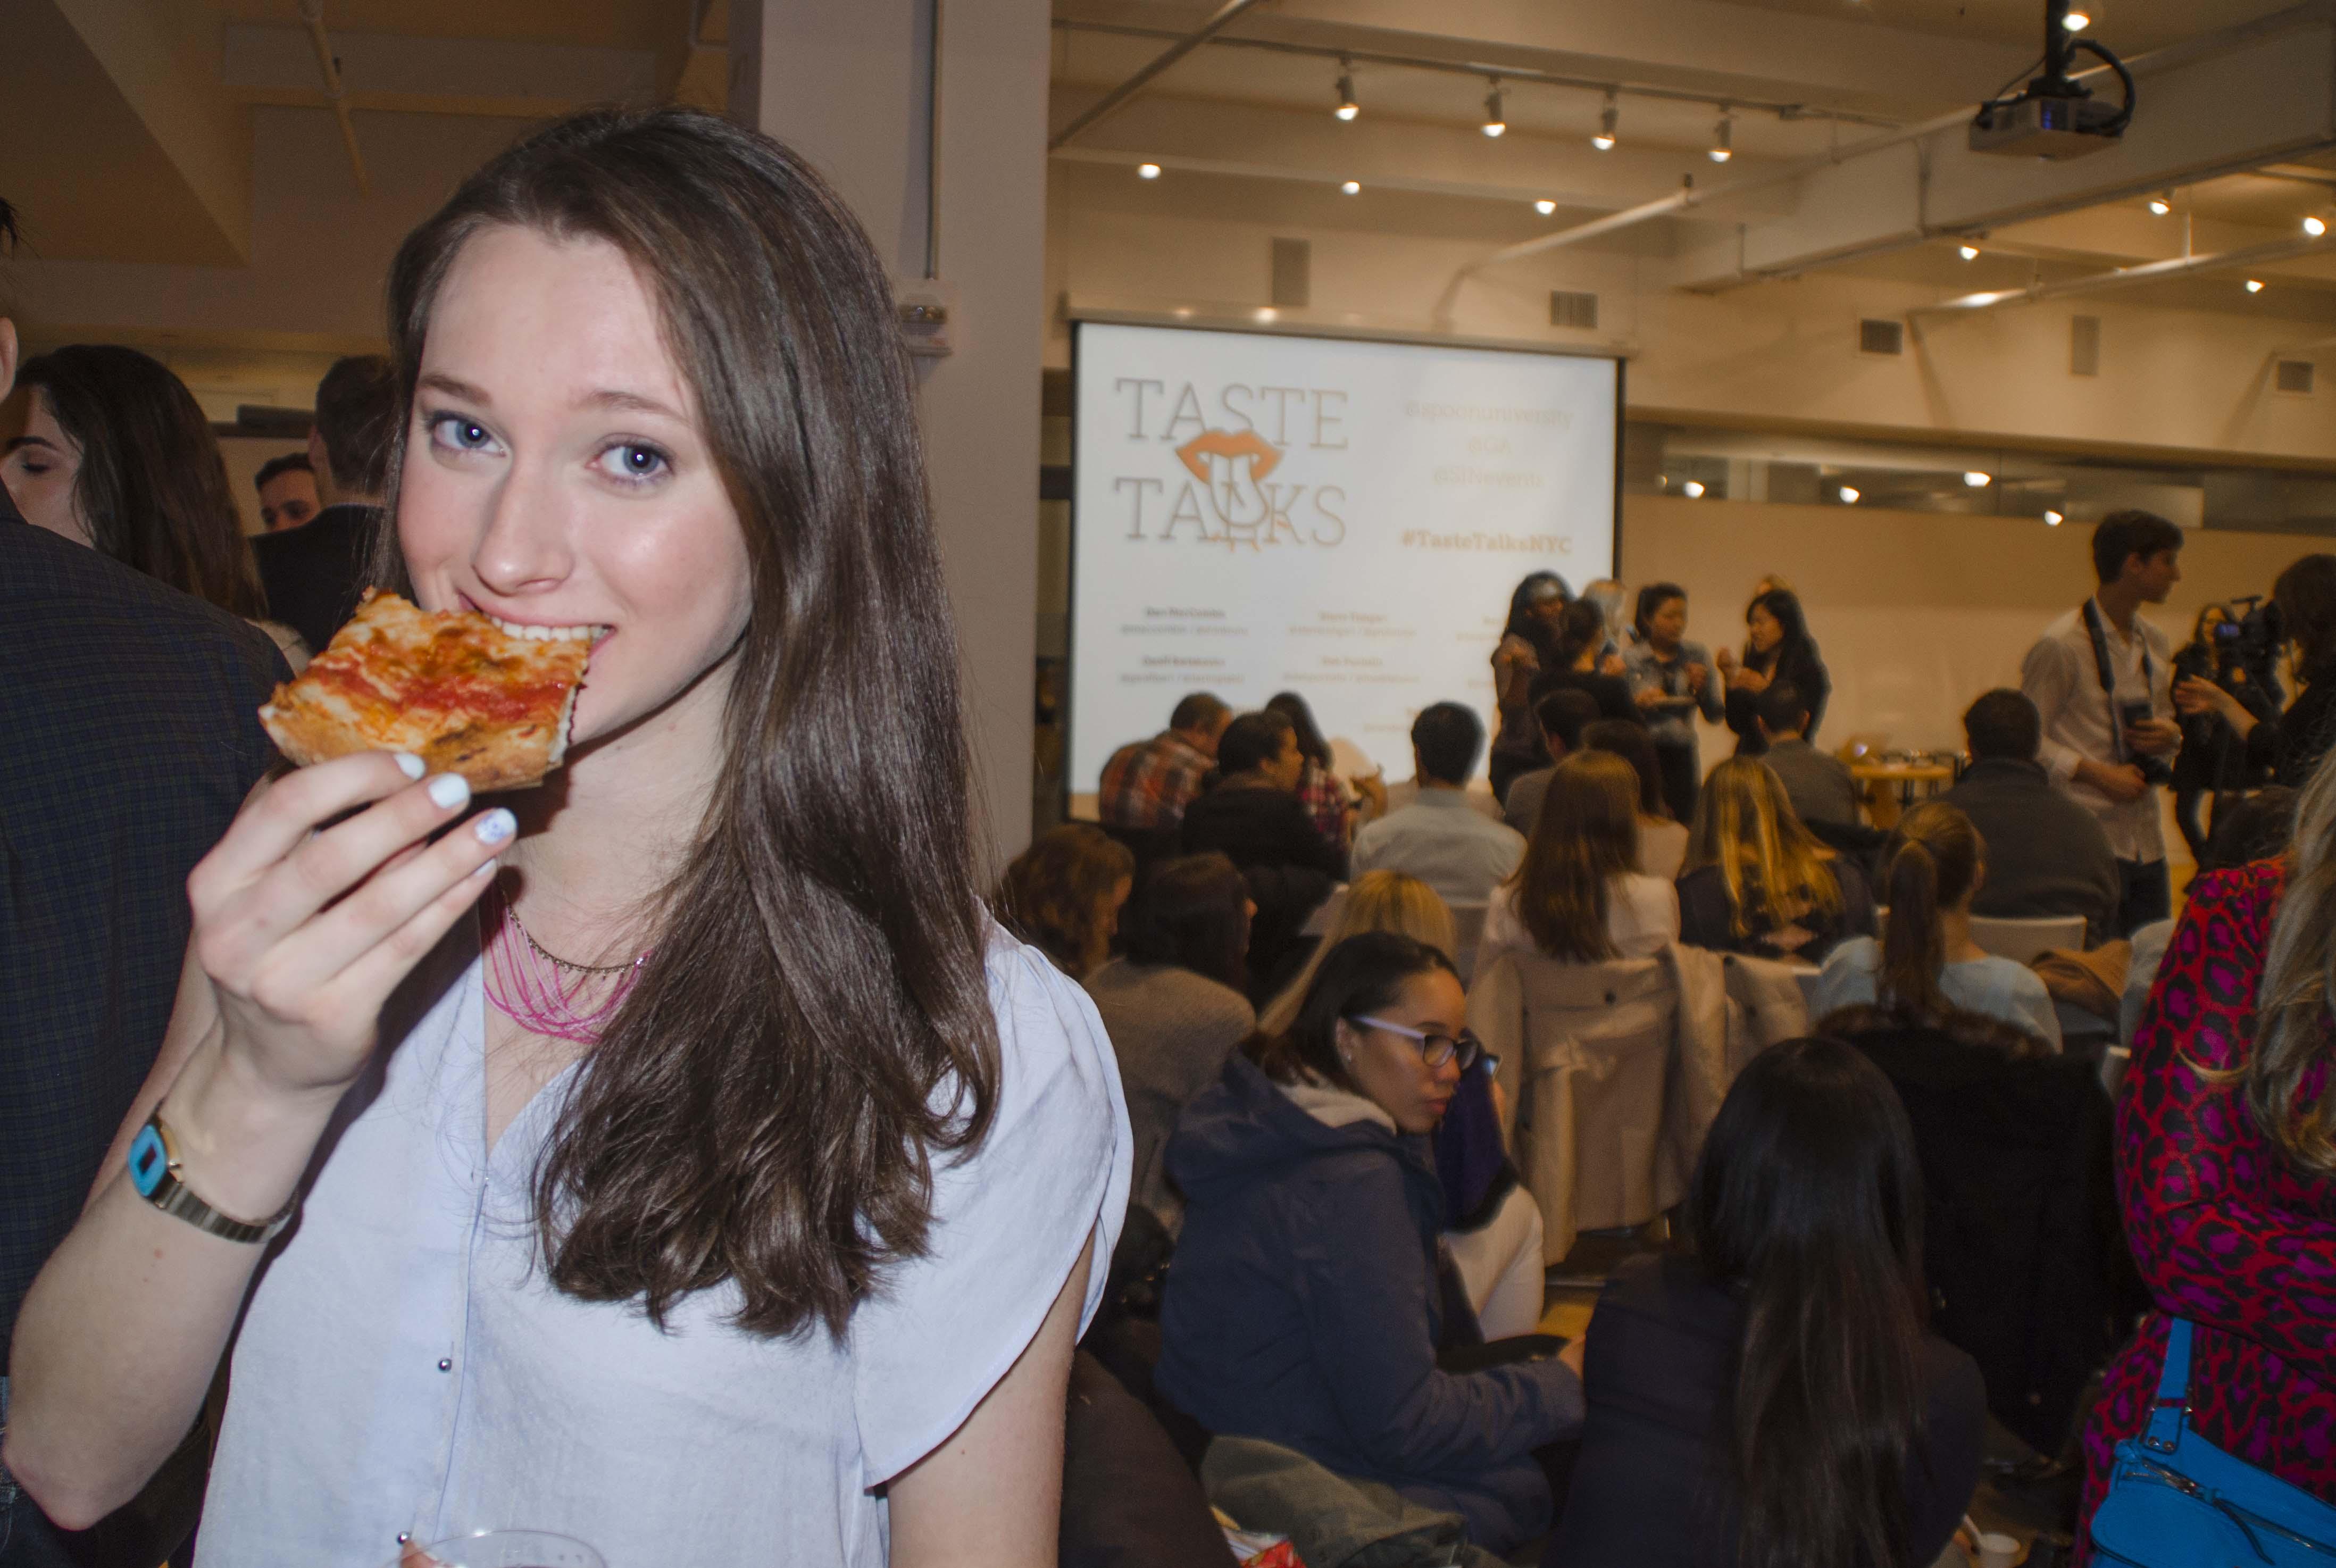 tastetalkspizza